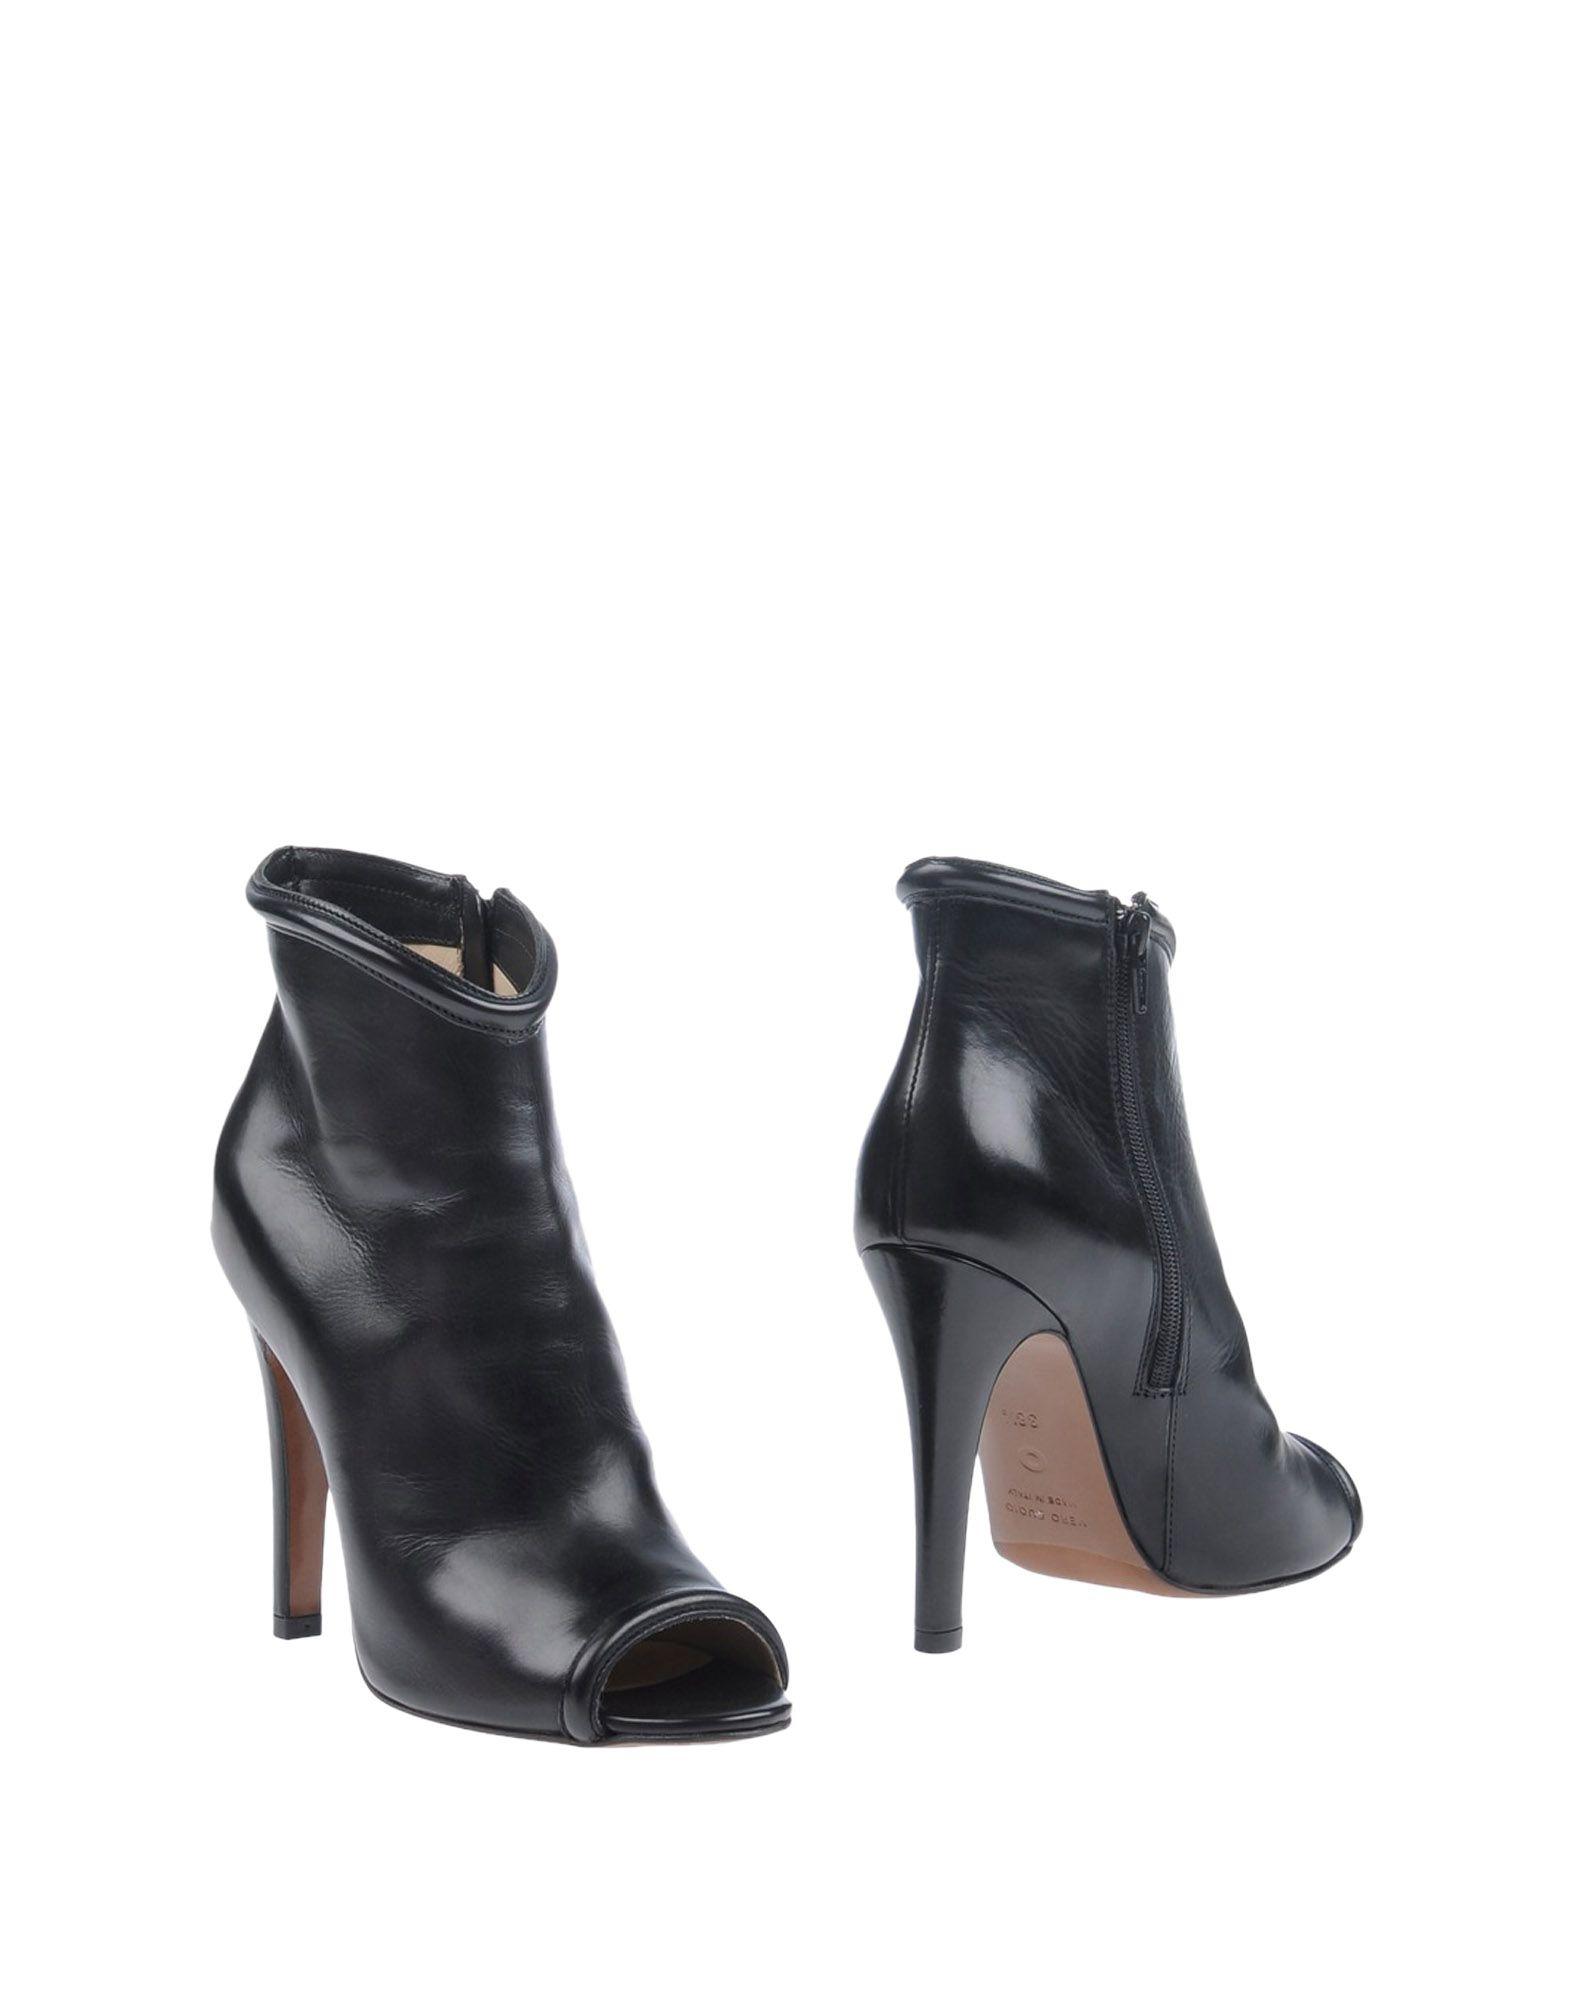 L' Autre Chose Stiefelette Damen  11171280QE Schuhe Neue Schuhe 11171280QE ee2bae